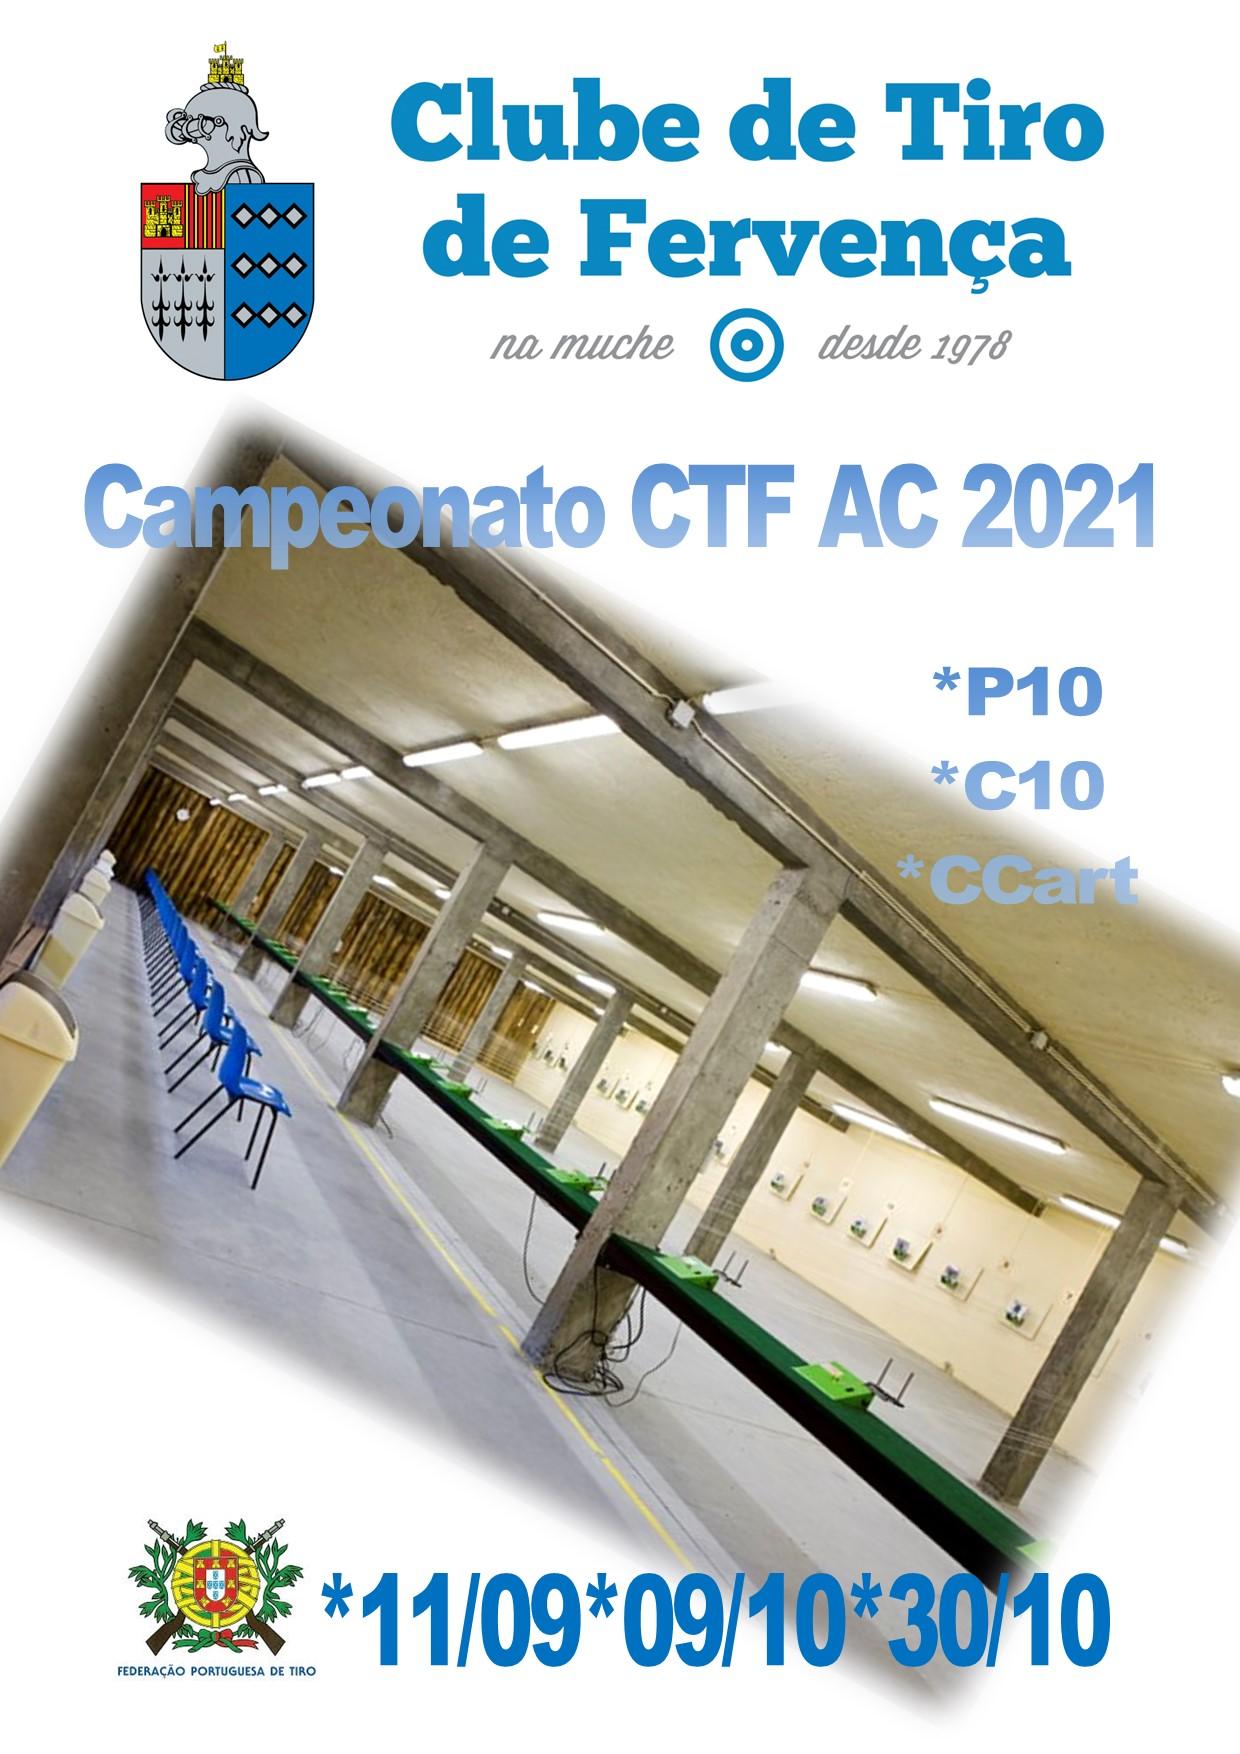 Campeonato CTF AC 2021